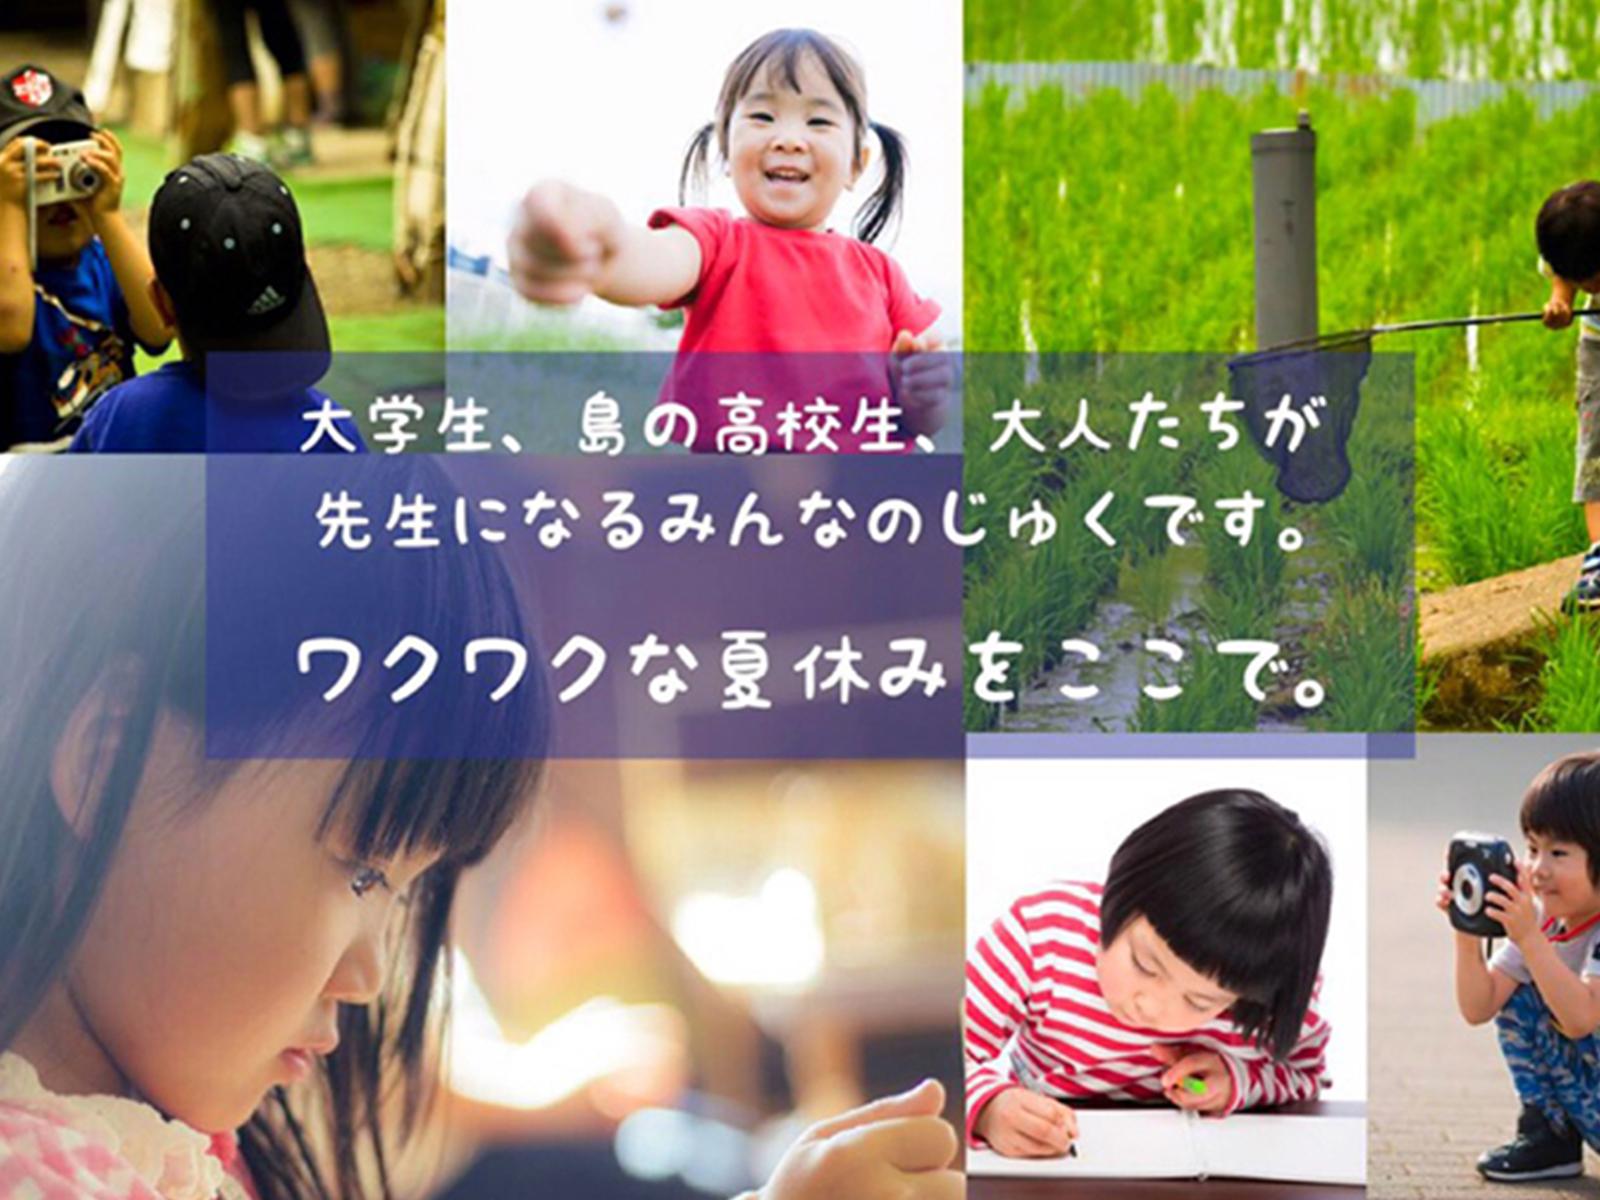 東京から1番近い離島「伊豆大島」で、むりょうじゅくを開催したい!